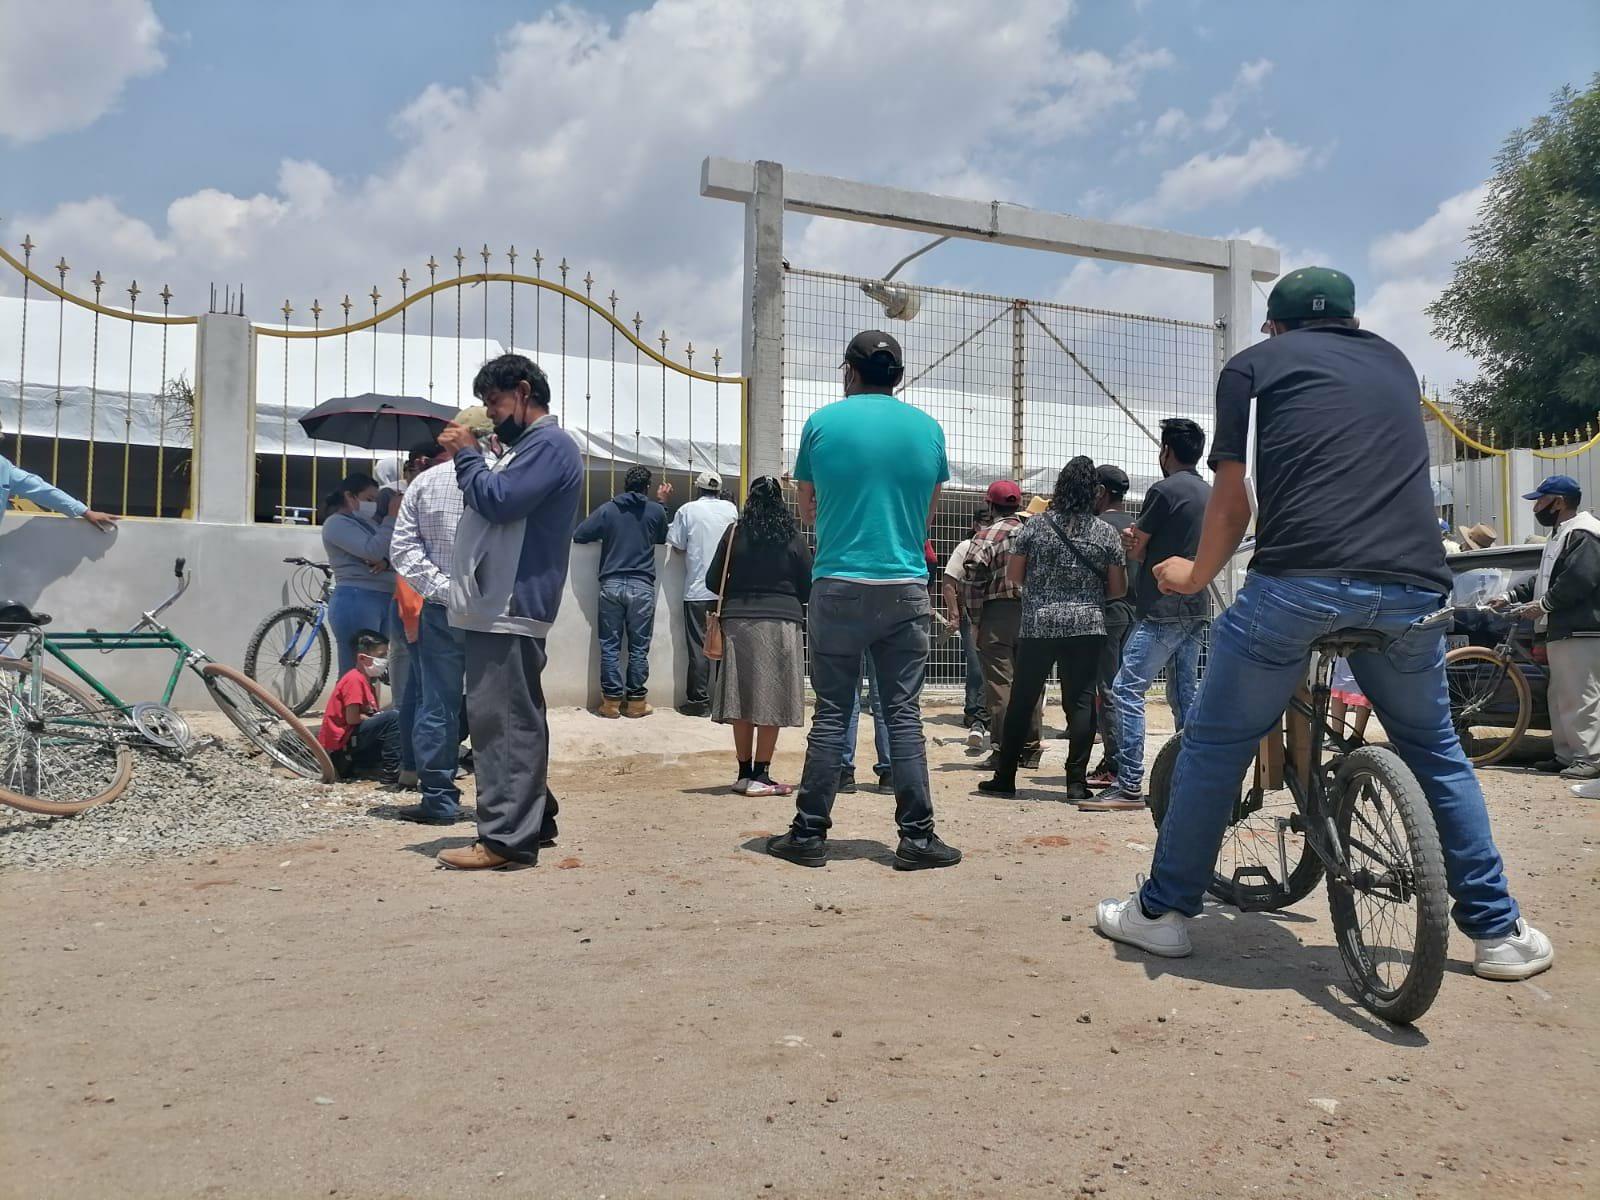 Suspenden votaciones en Mihuacan tras detonaciones